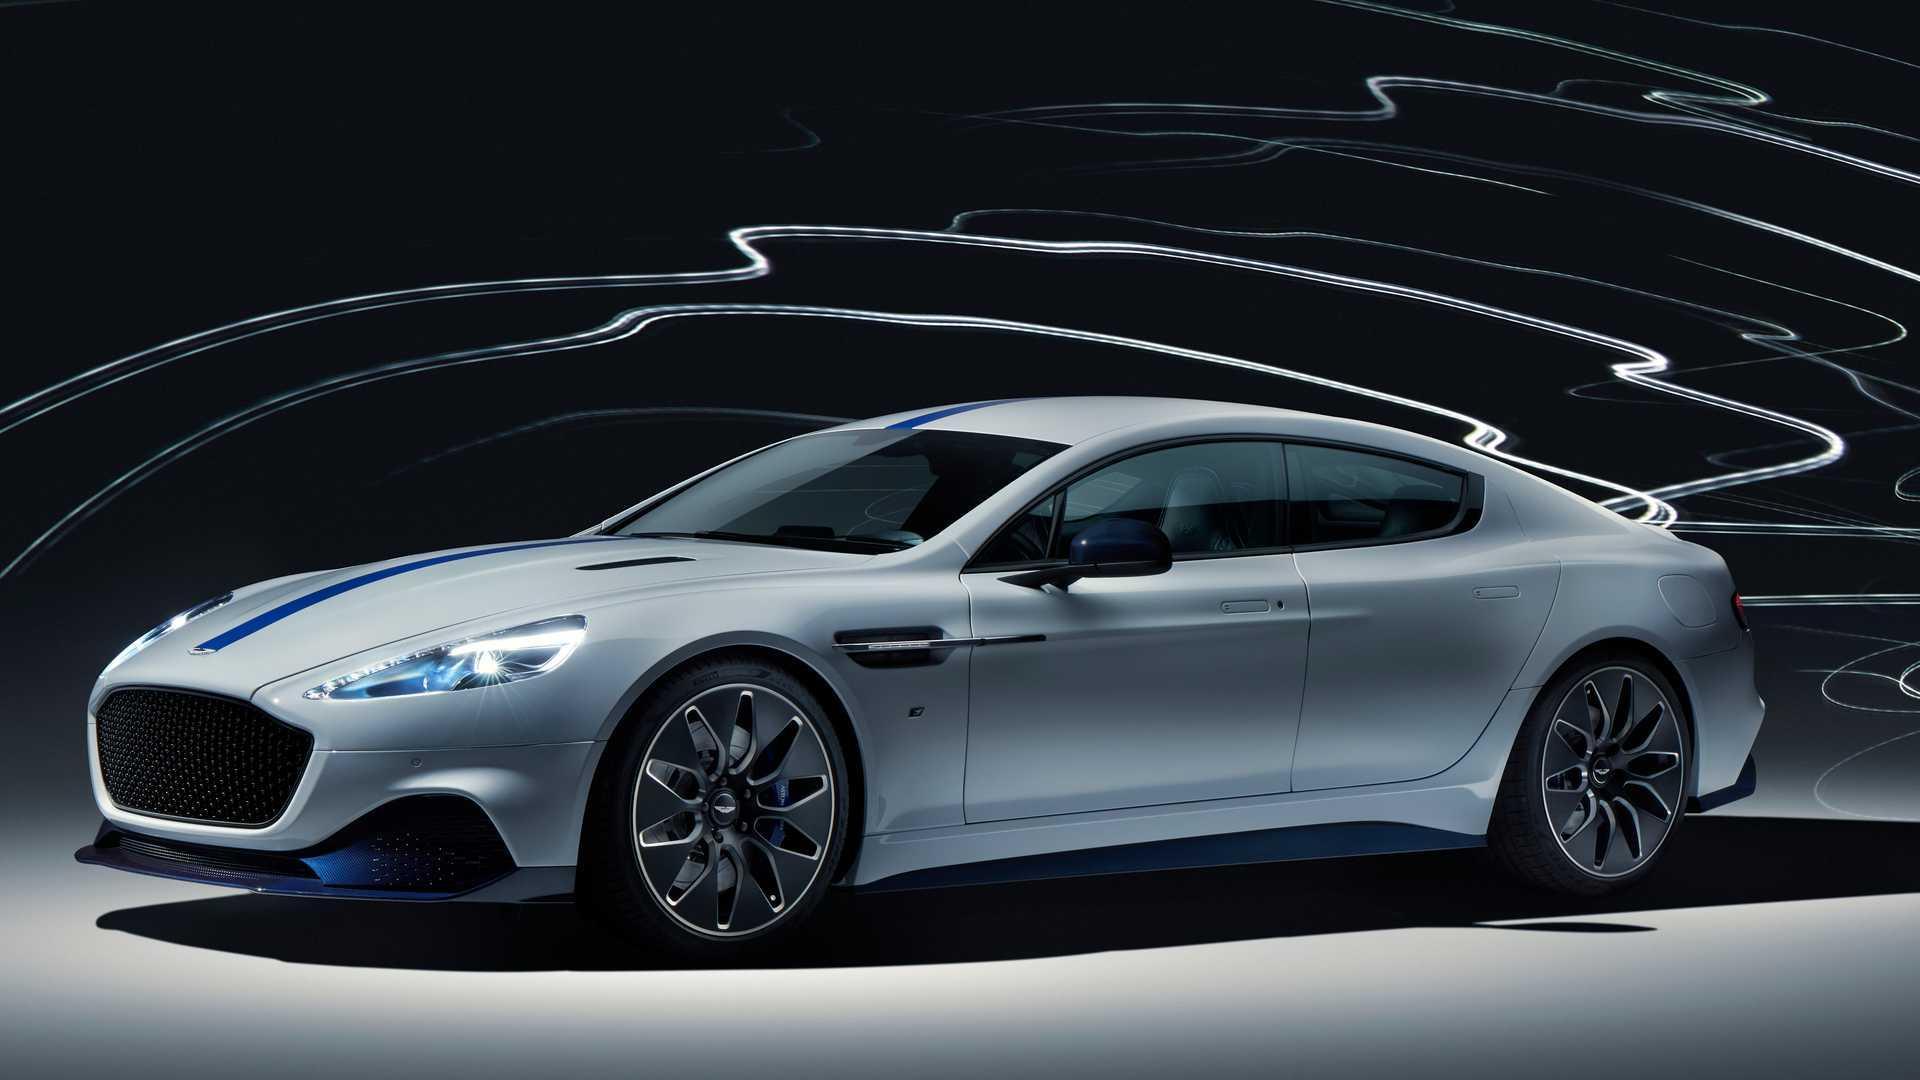 Aston Martin Rapide E: Elektro-Sportler mit 800-Volt-Akku